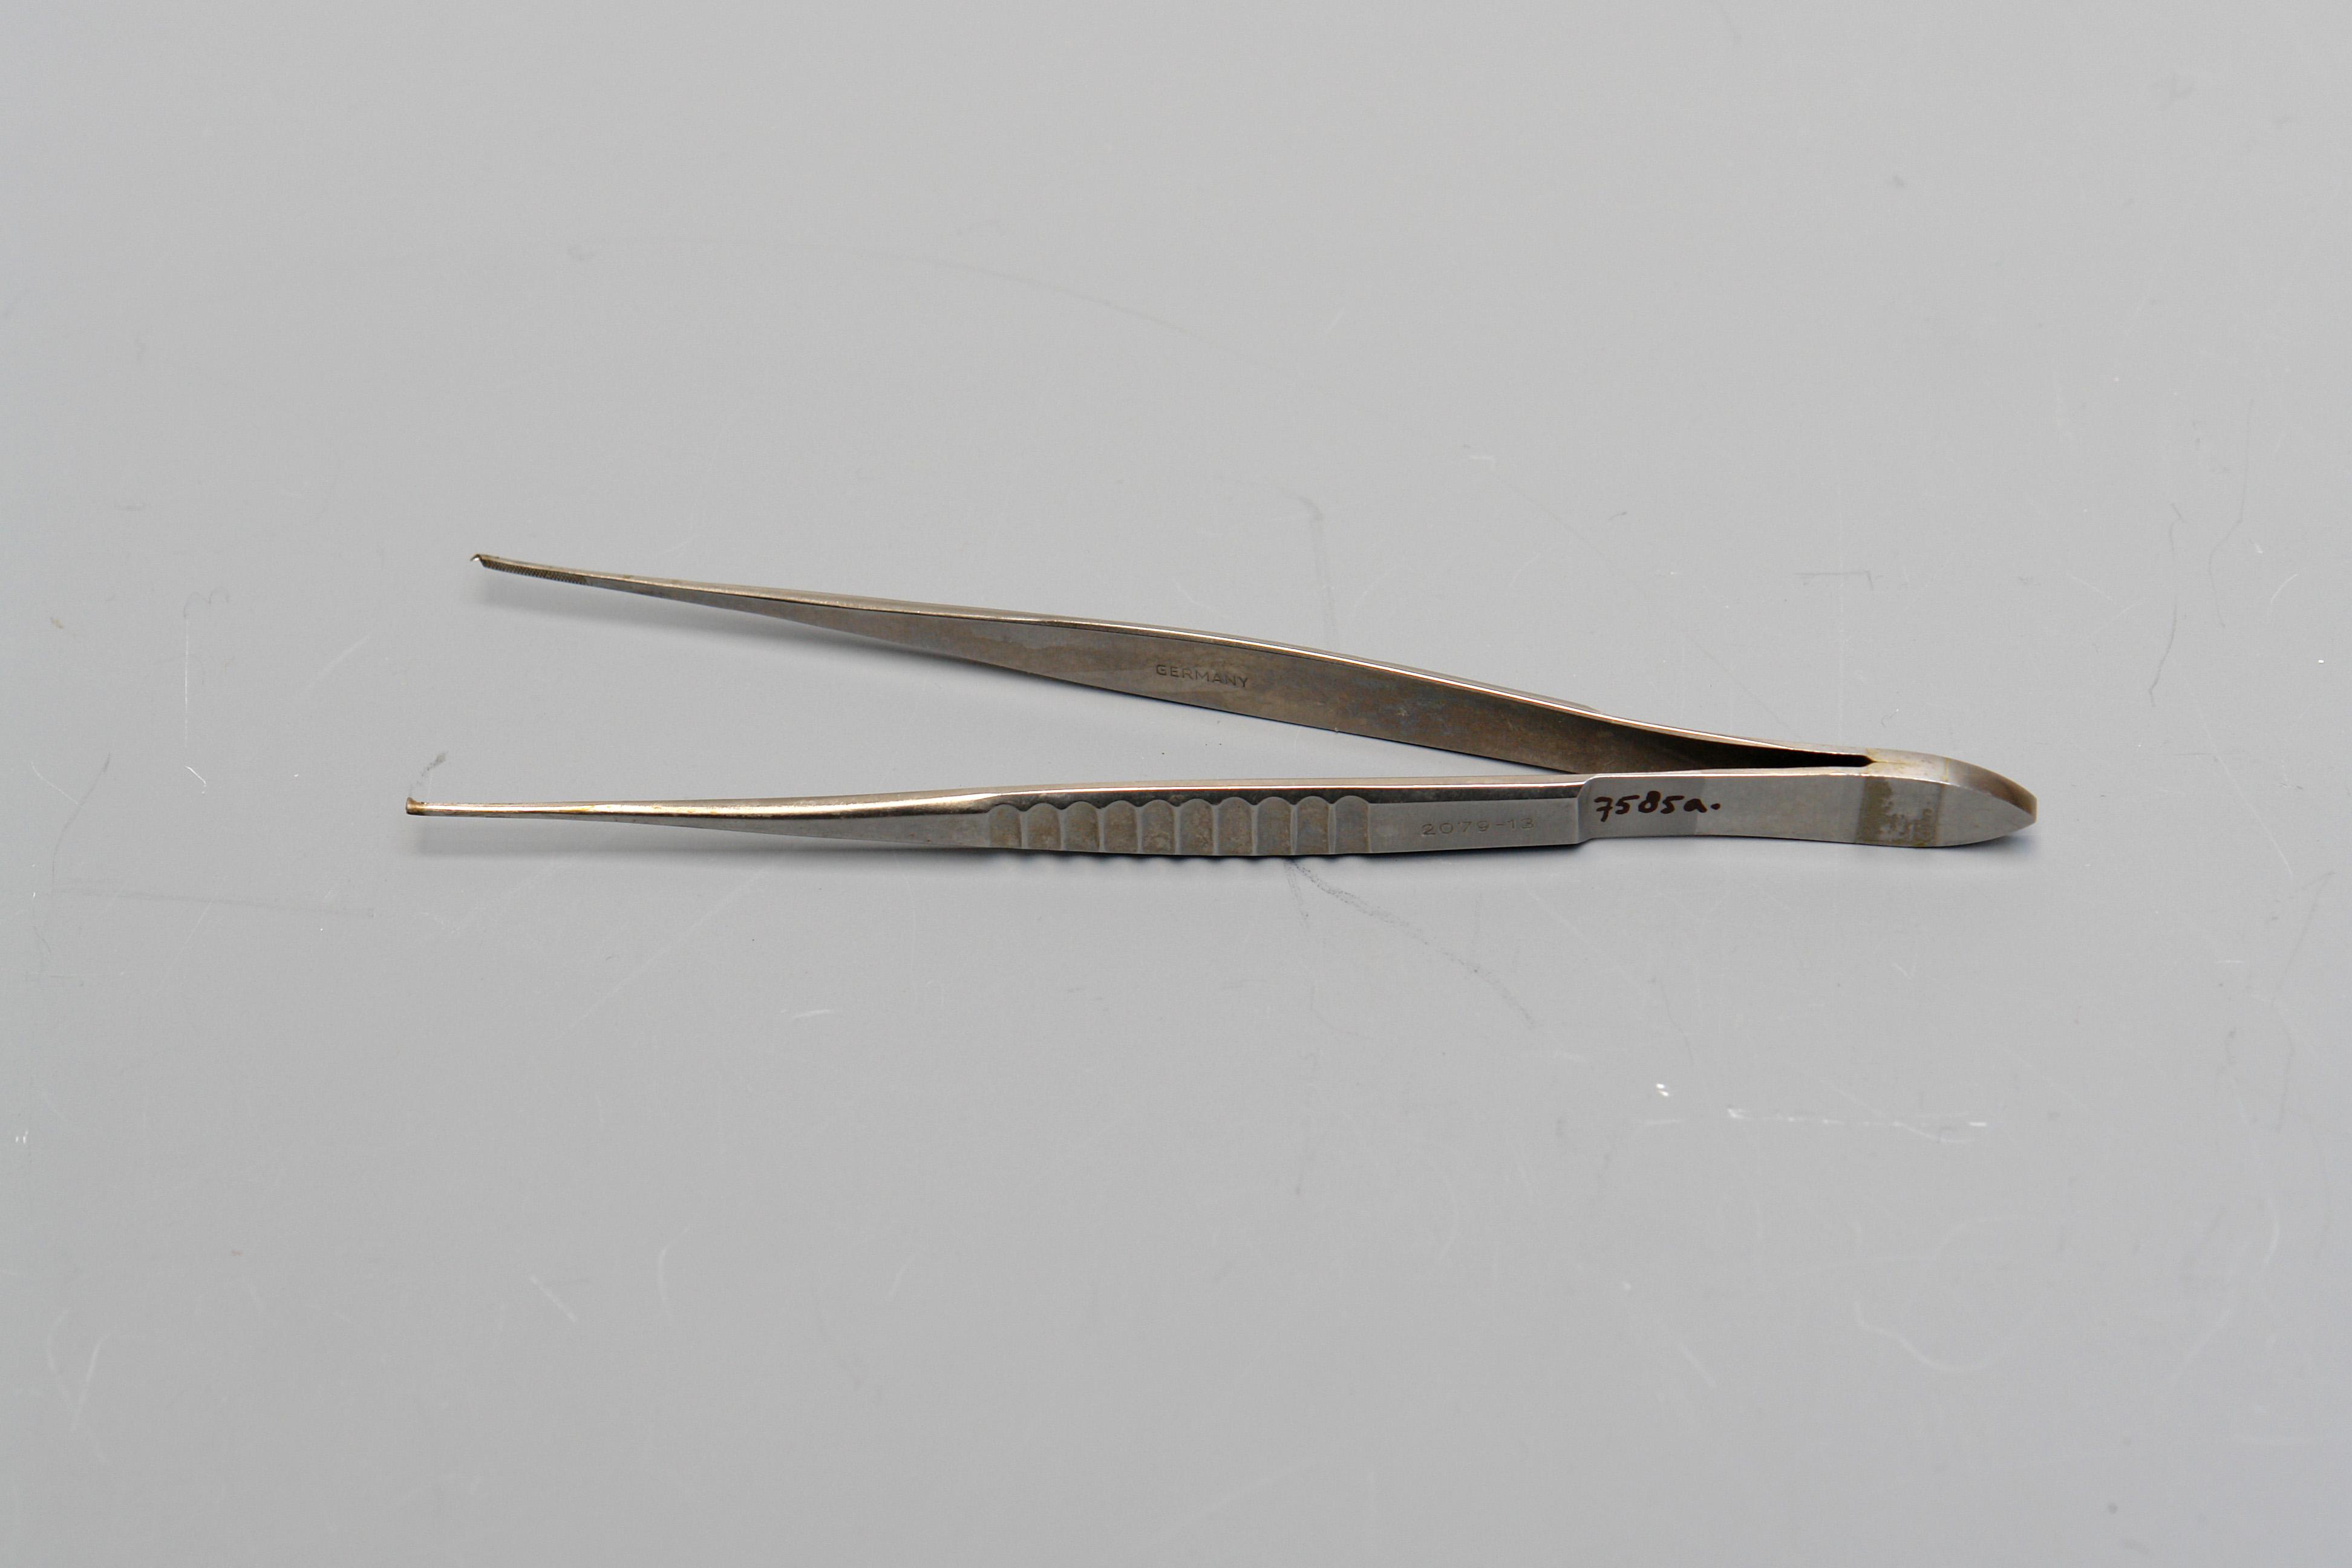 Chirurgische pincet, gebruikt in het ziekenhuis te Purmerend, circa 1900-1975